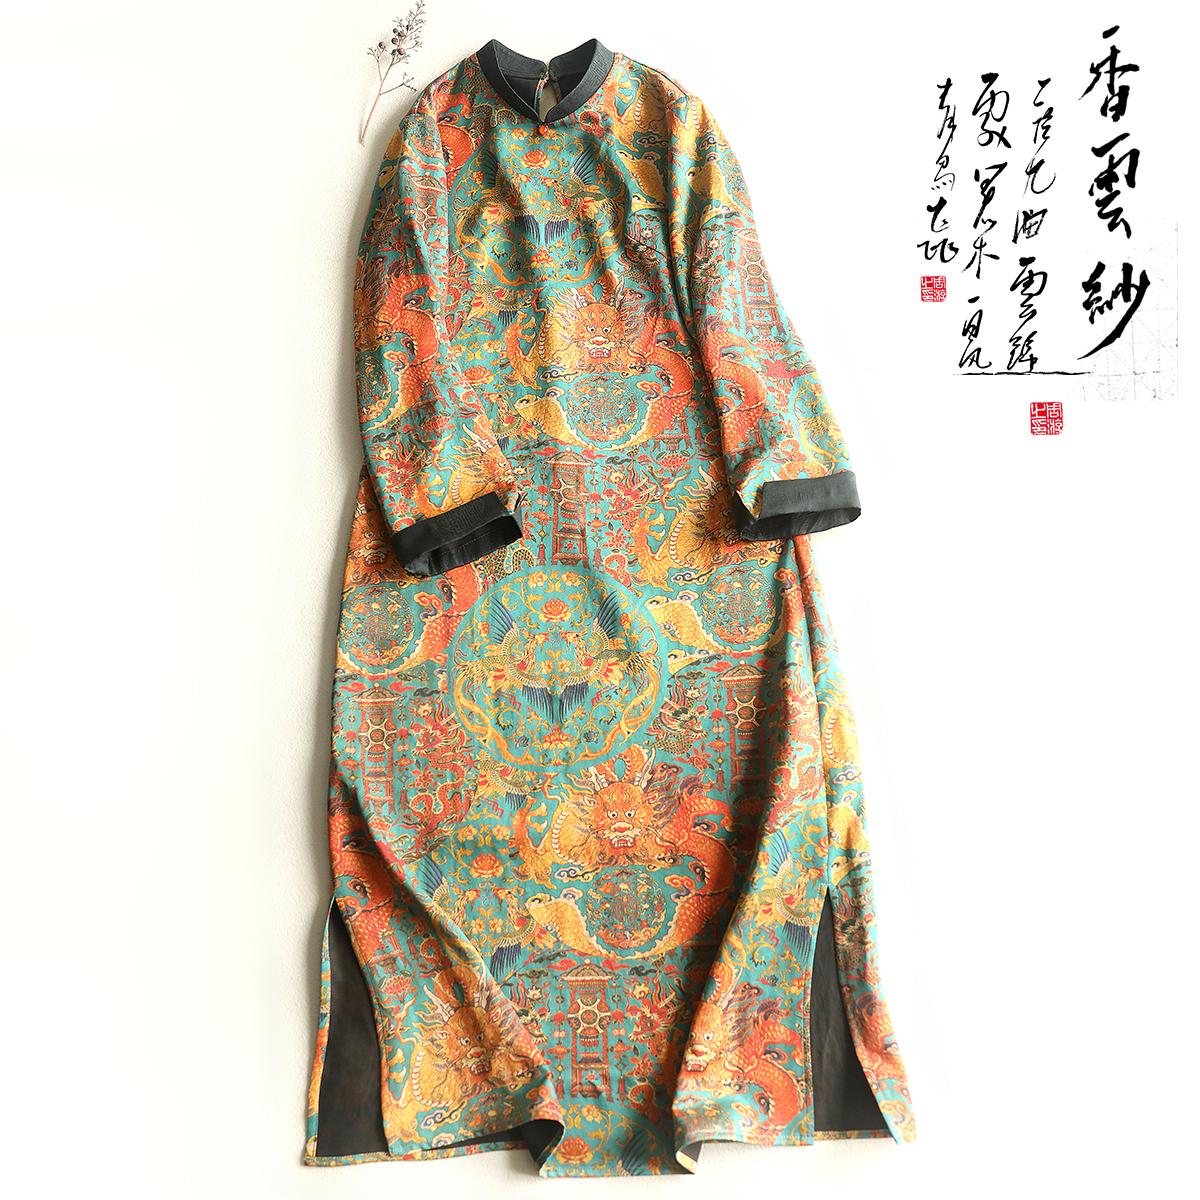 【龙凤舞】原创重磅缎香云纱连衣裙(用100元券)